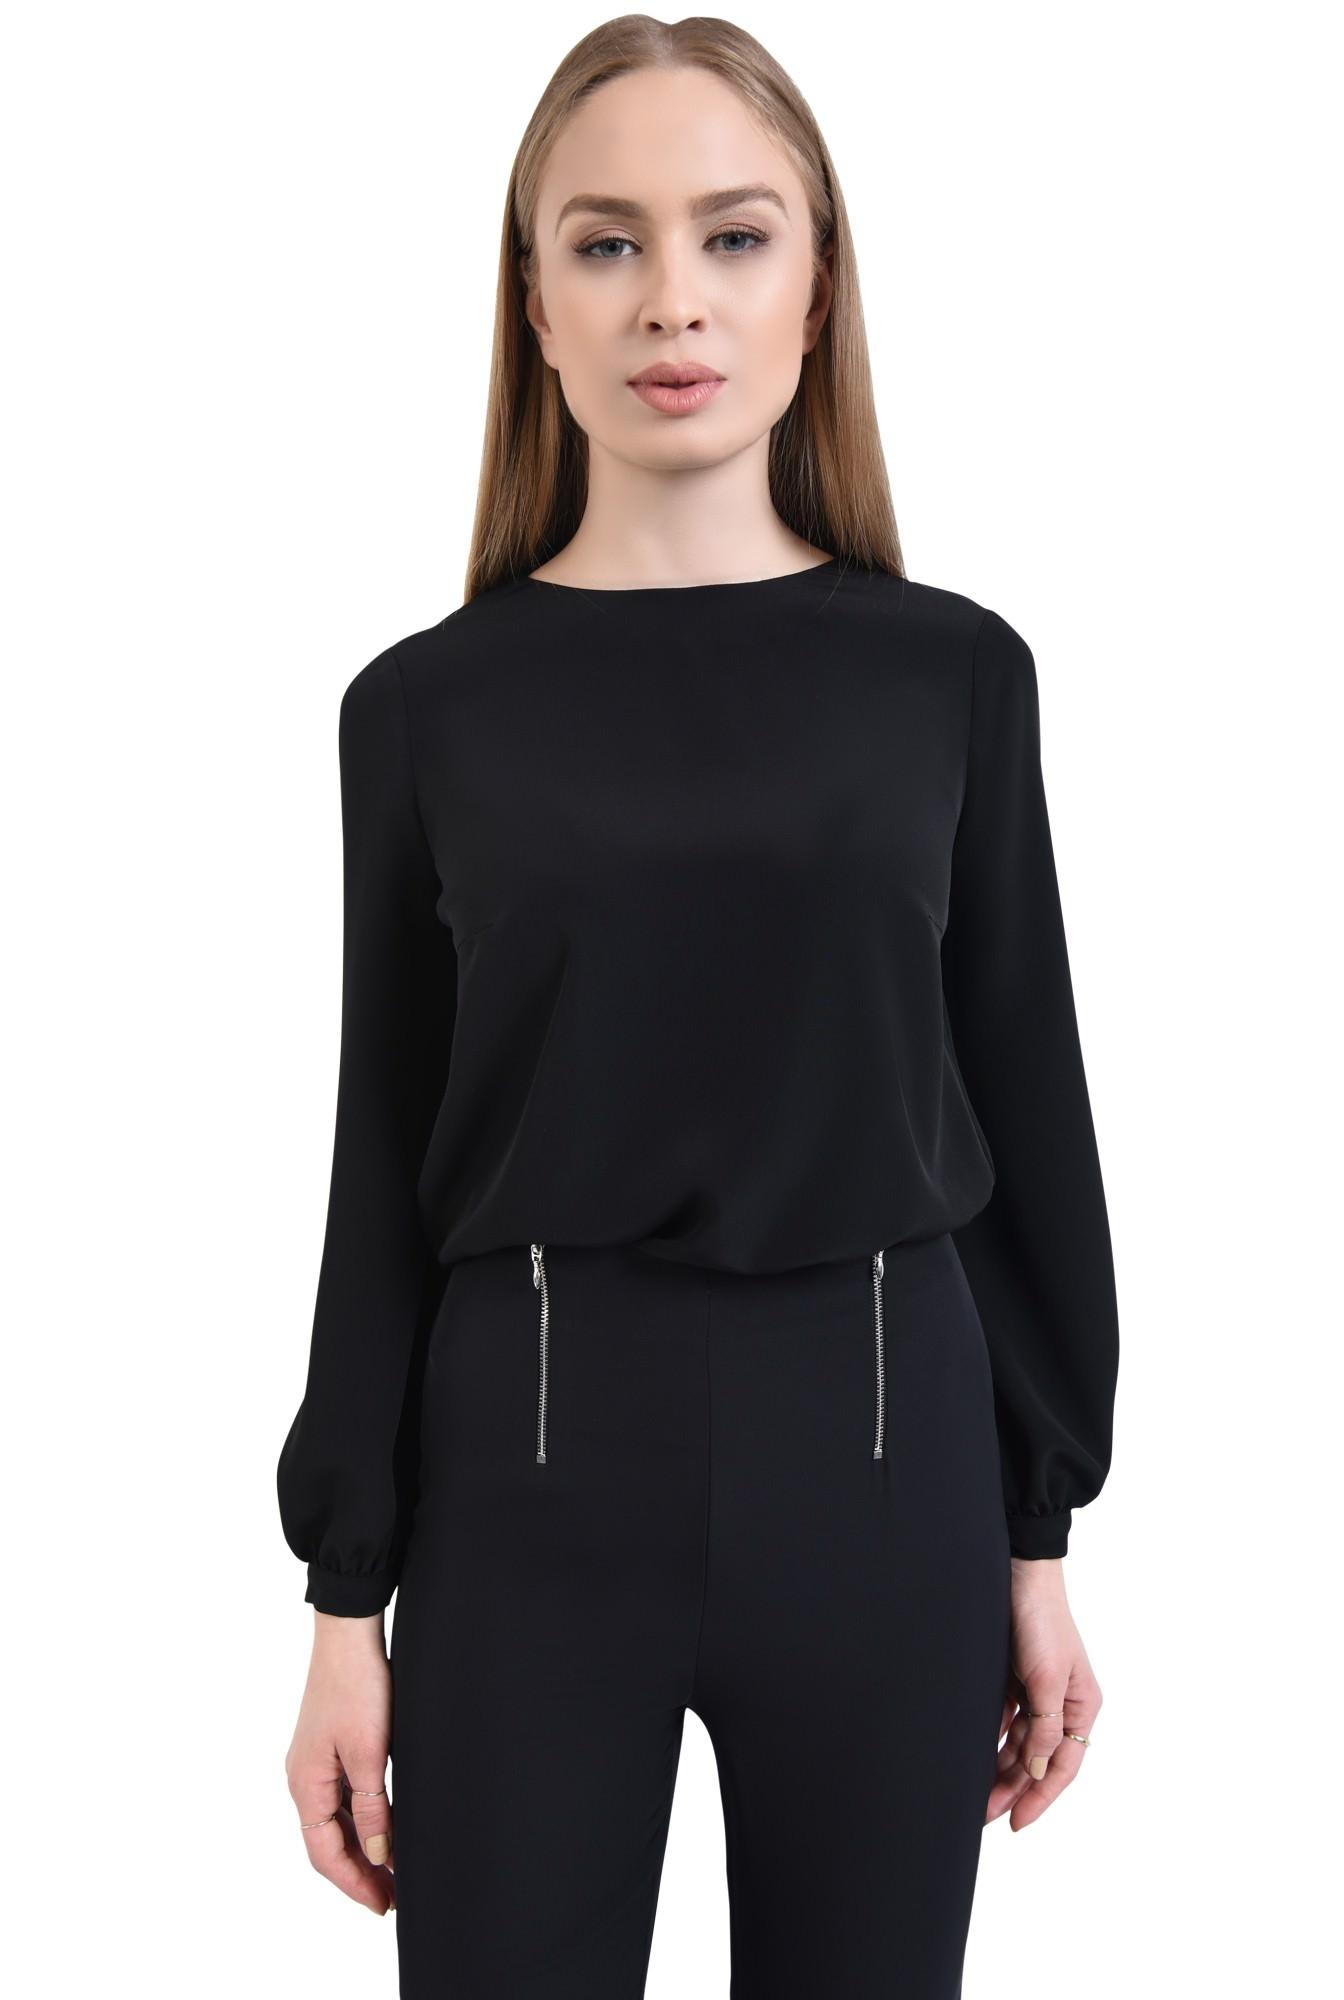 0 - Bluza casual, negru